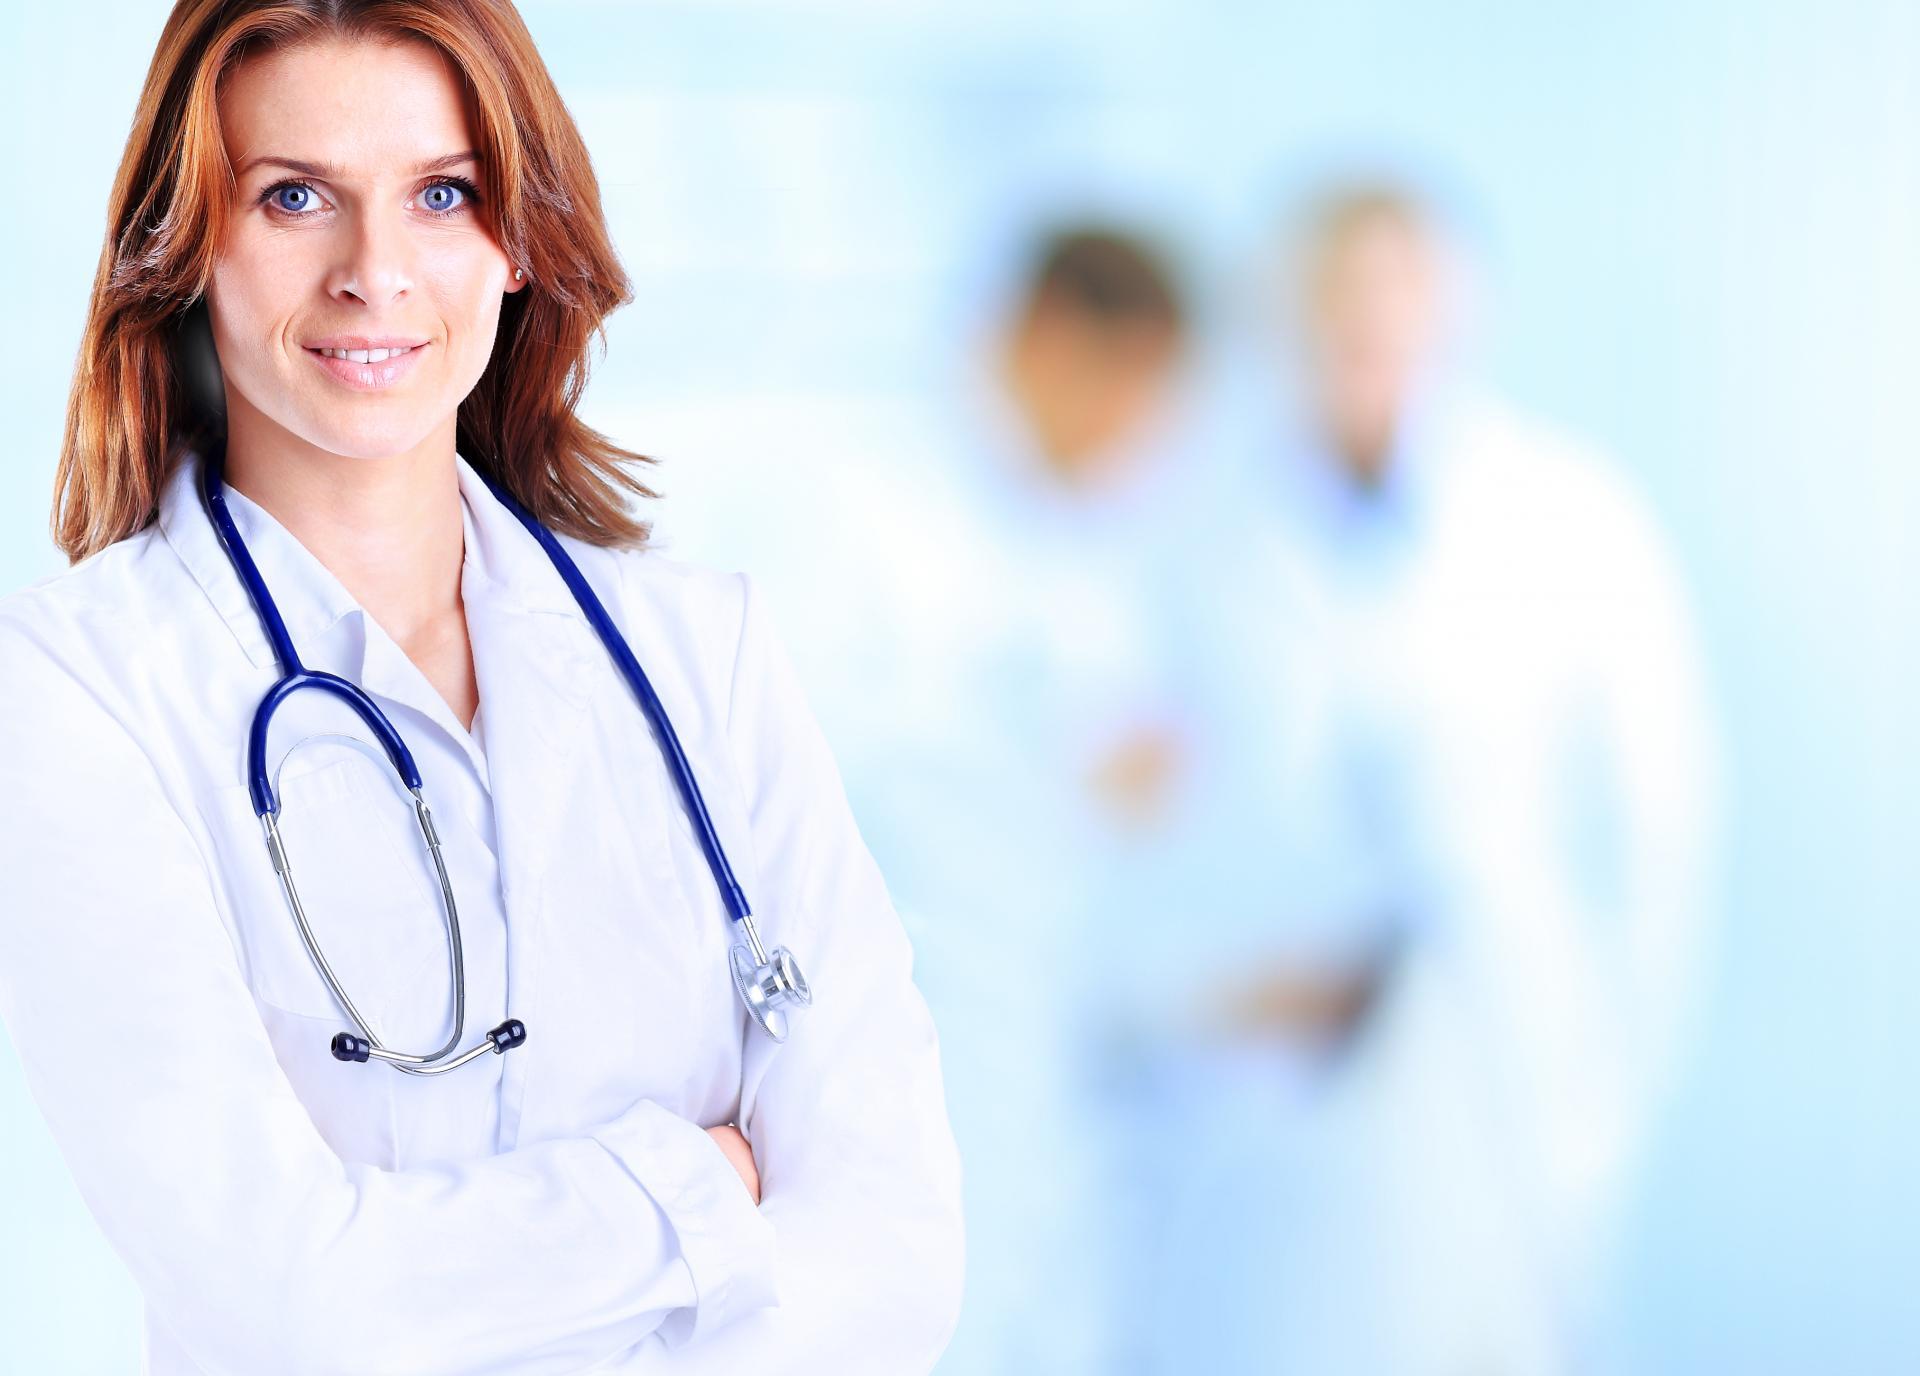 Свечи Метилурацил: особенности применения в гинекологии и противопоказания